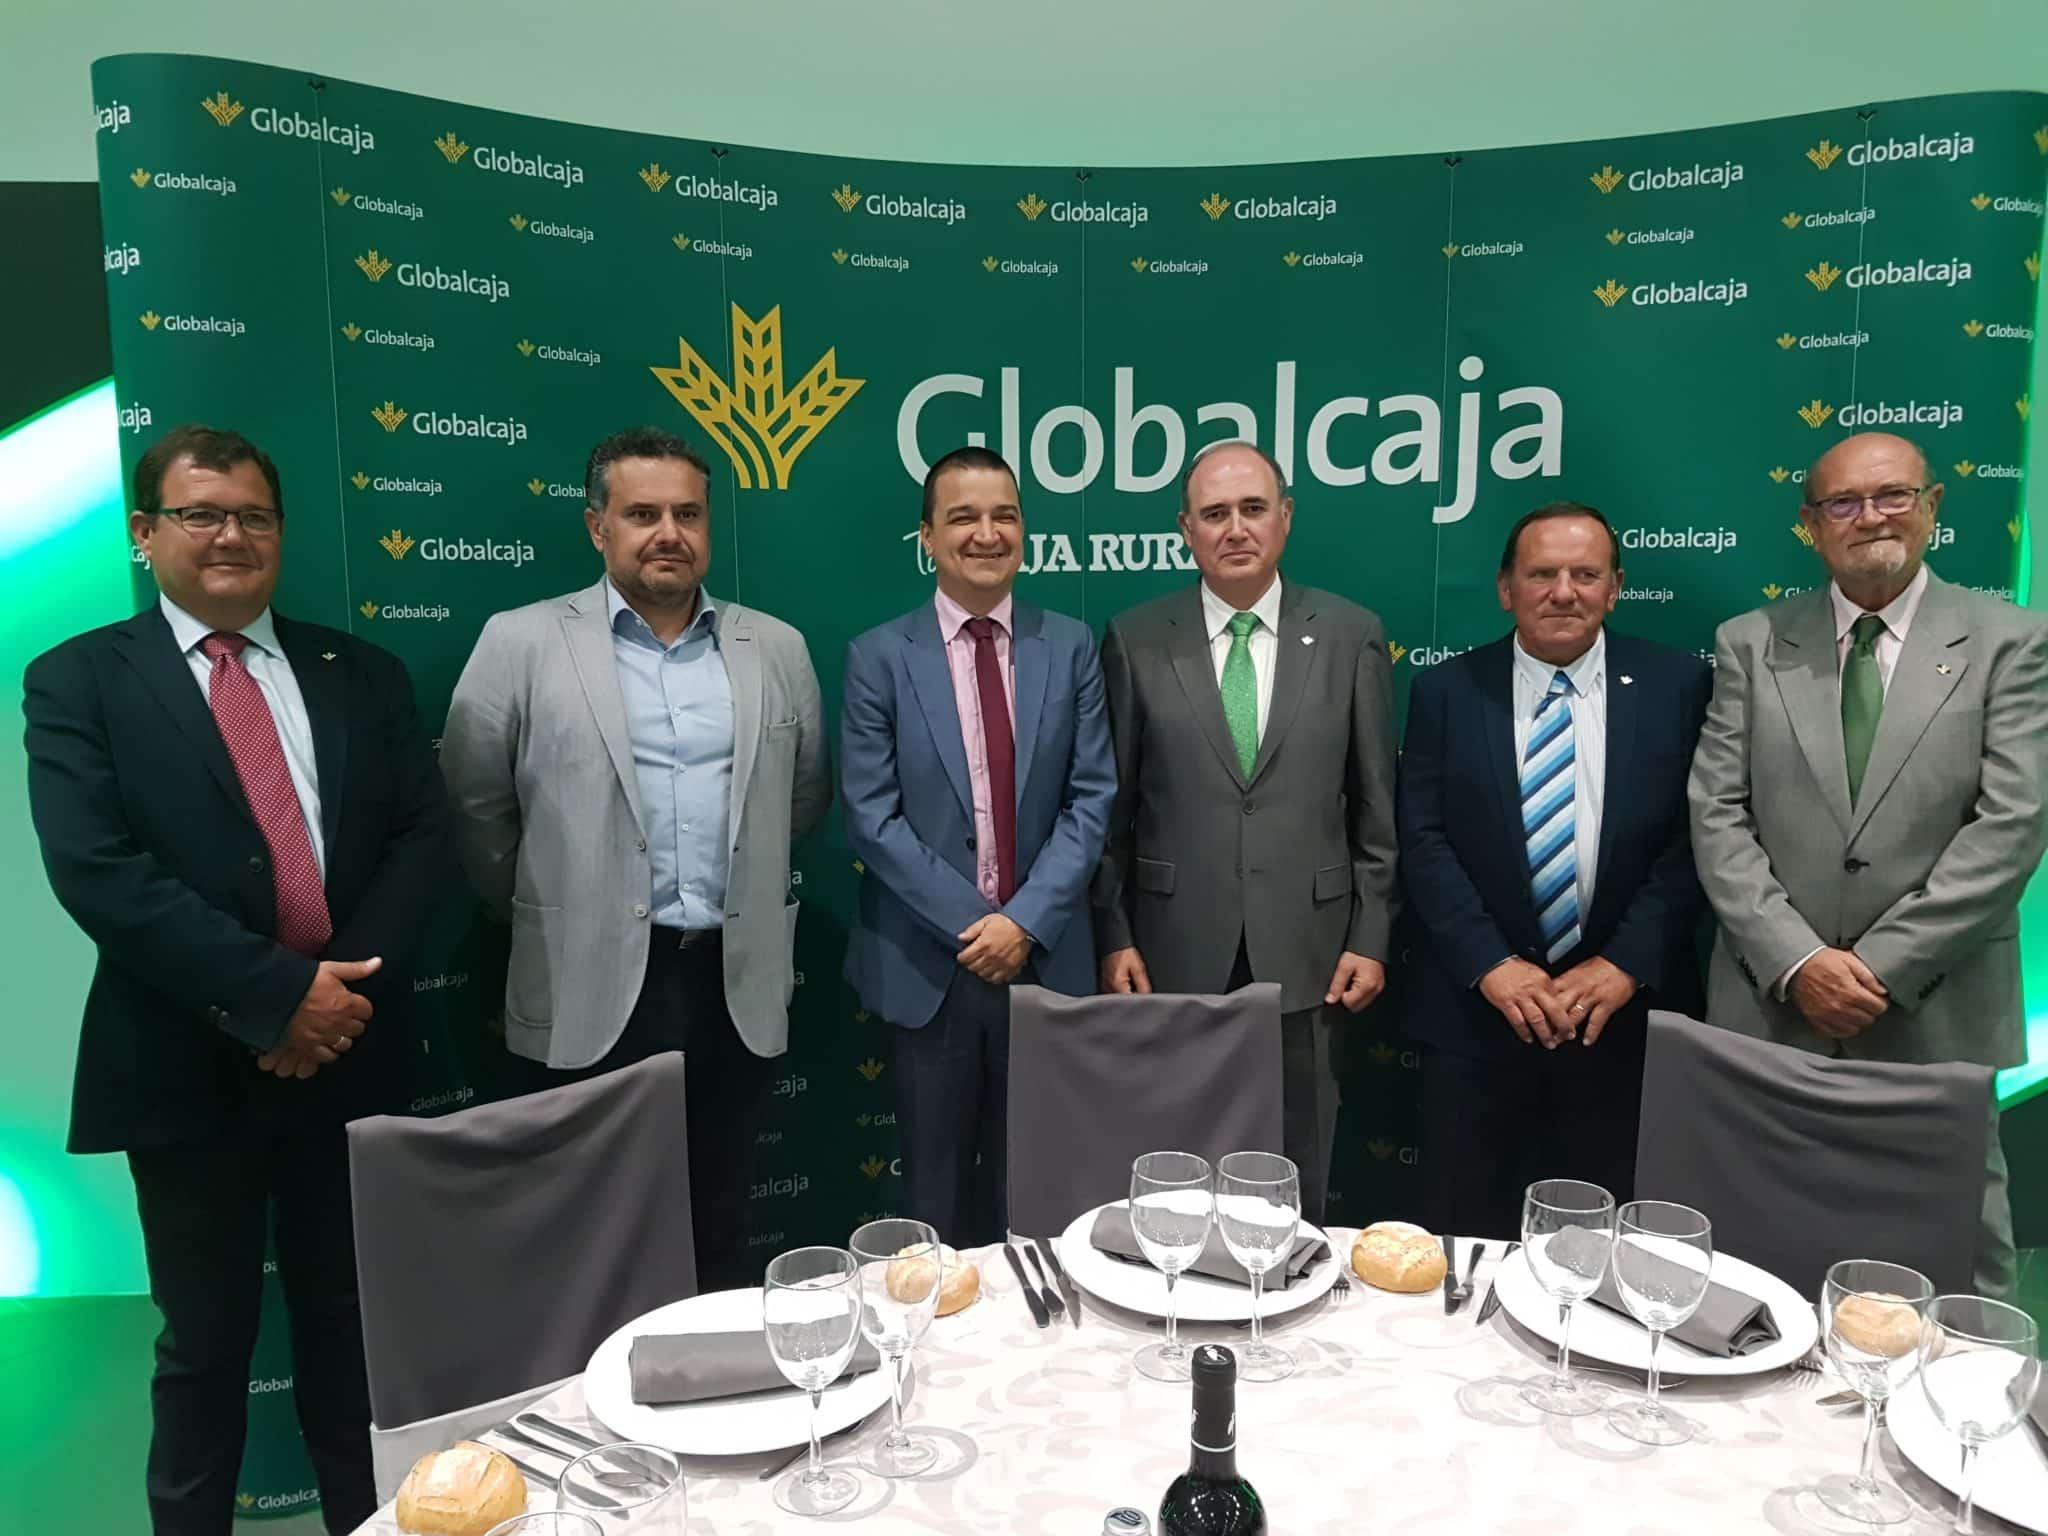 Globalcaja reúne a más de 400 profesionales del mundo agrario y ganadero en la comida de hermandad con motivo de Expovicaman